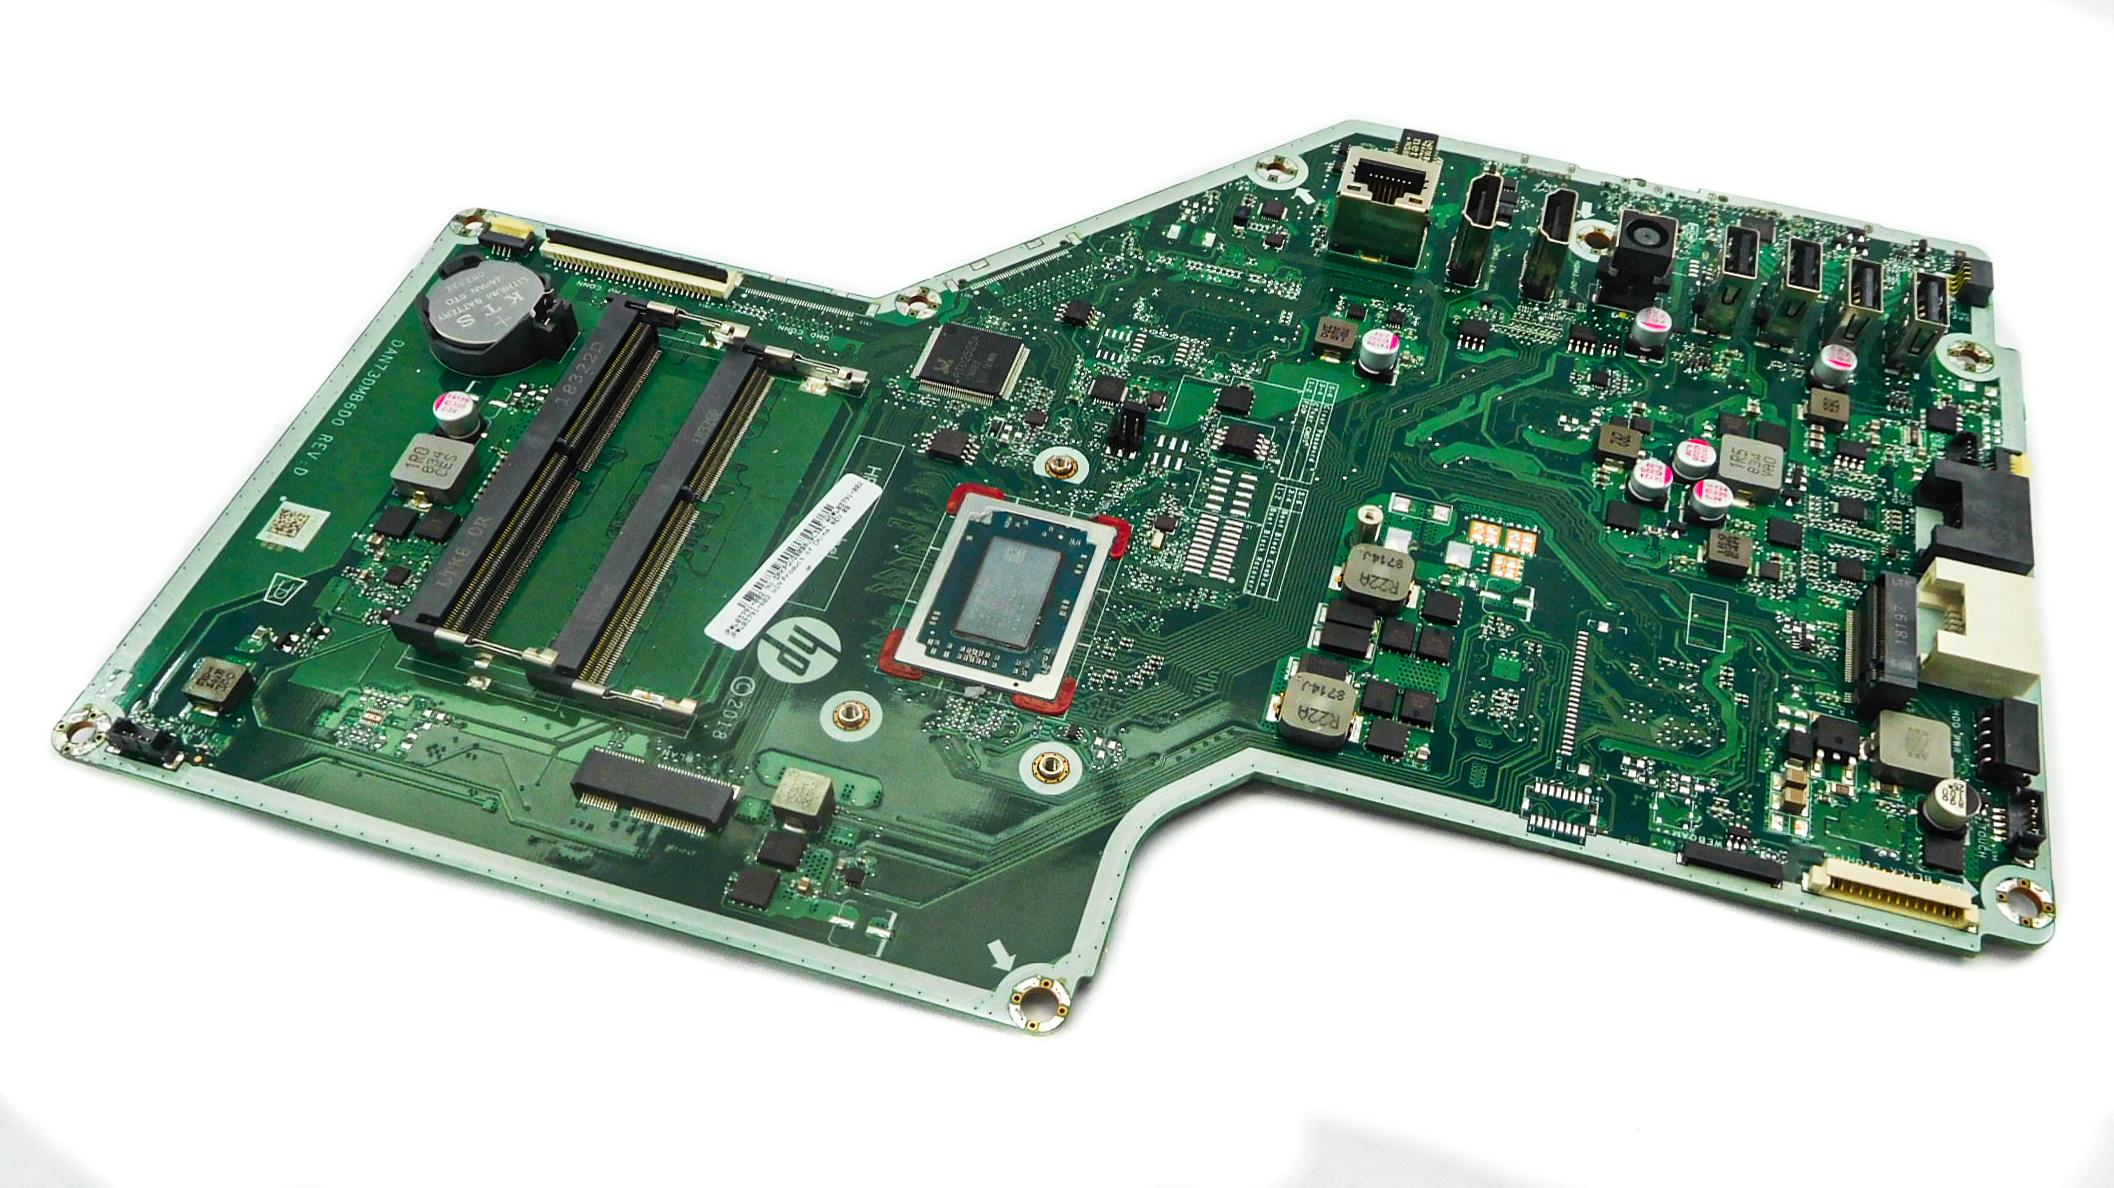 HP L03791-002 Pavilion 24-R All-in-one PC Motherboard /w AMD Ryzen 5 2500U CPU